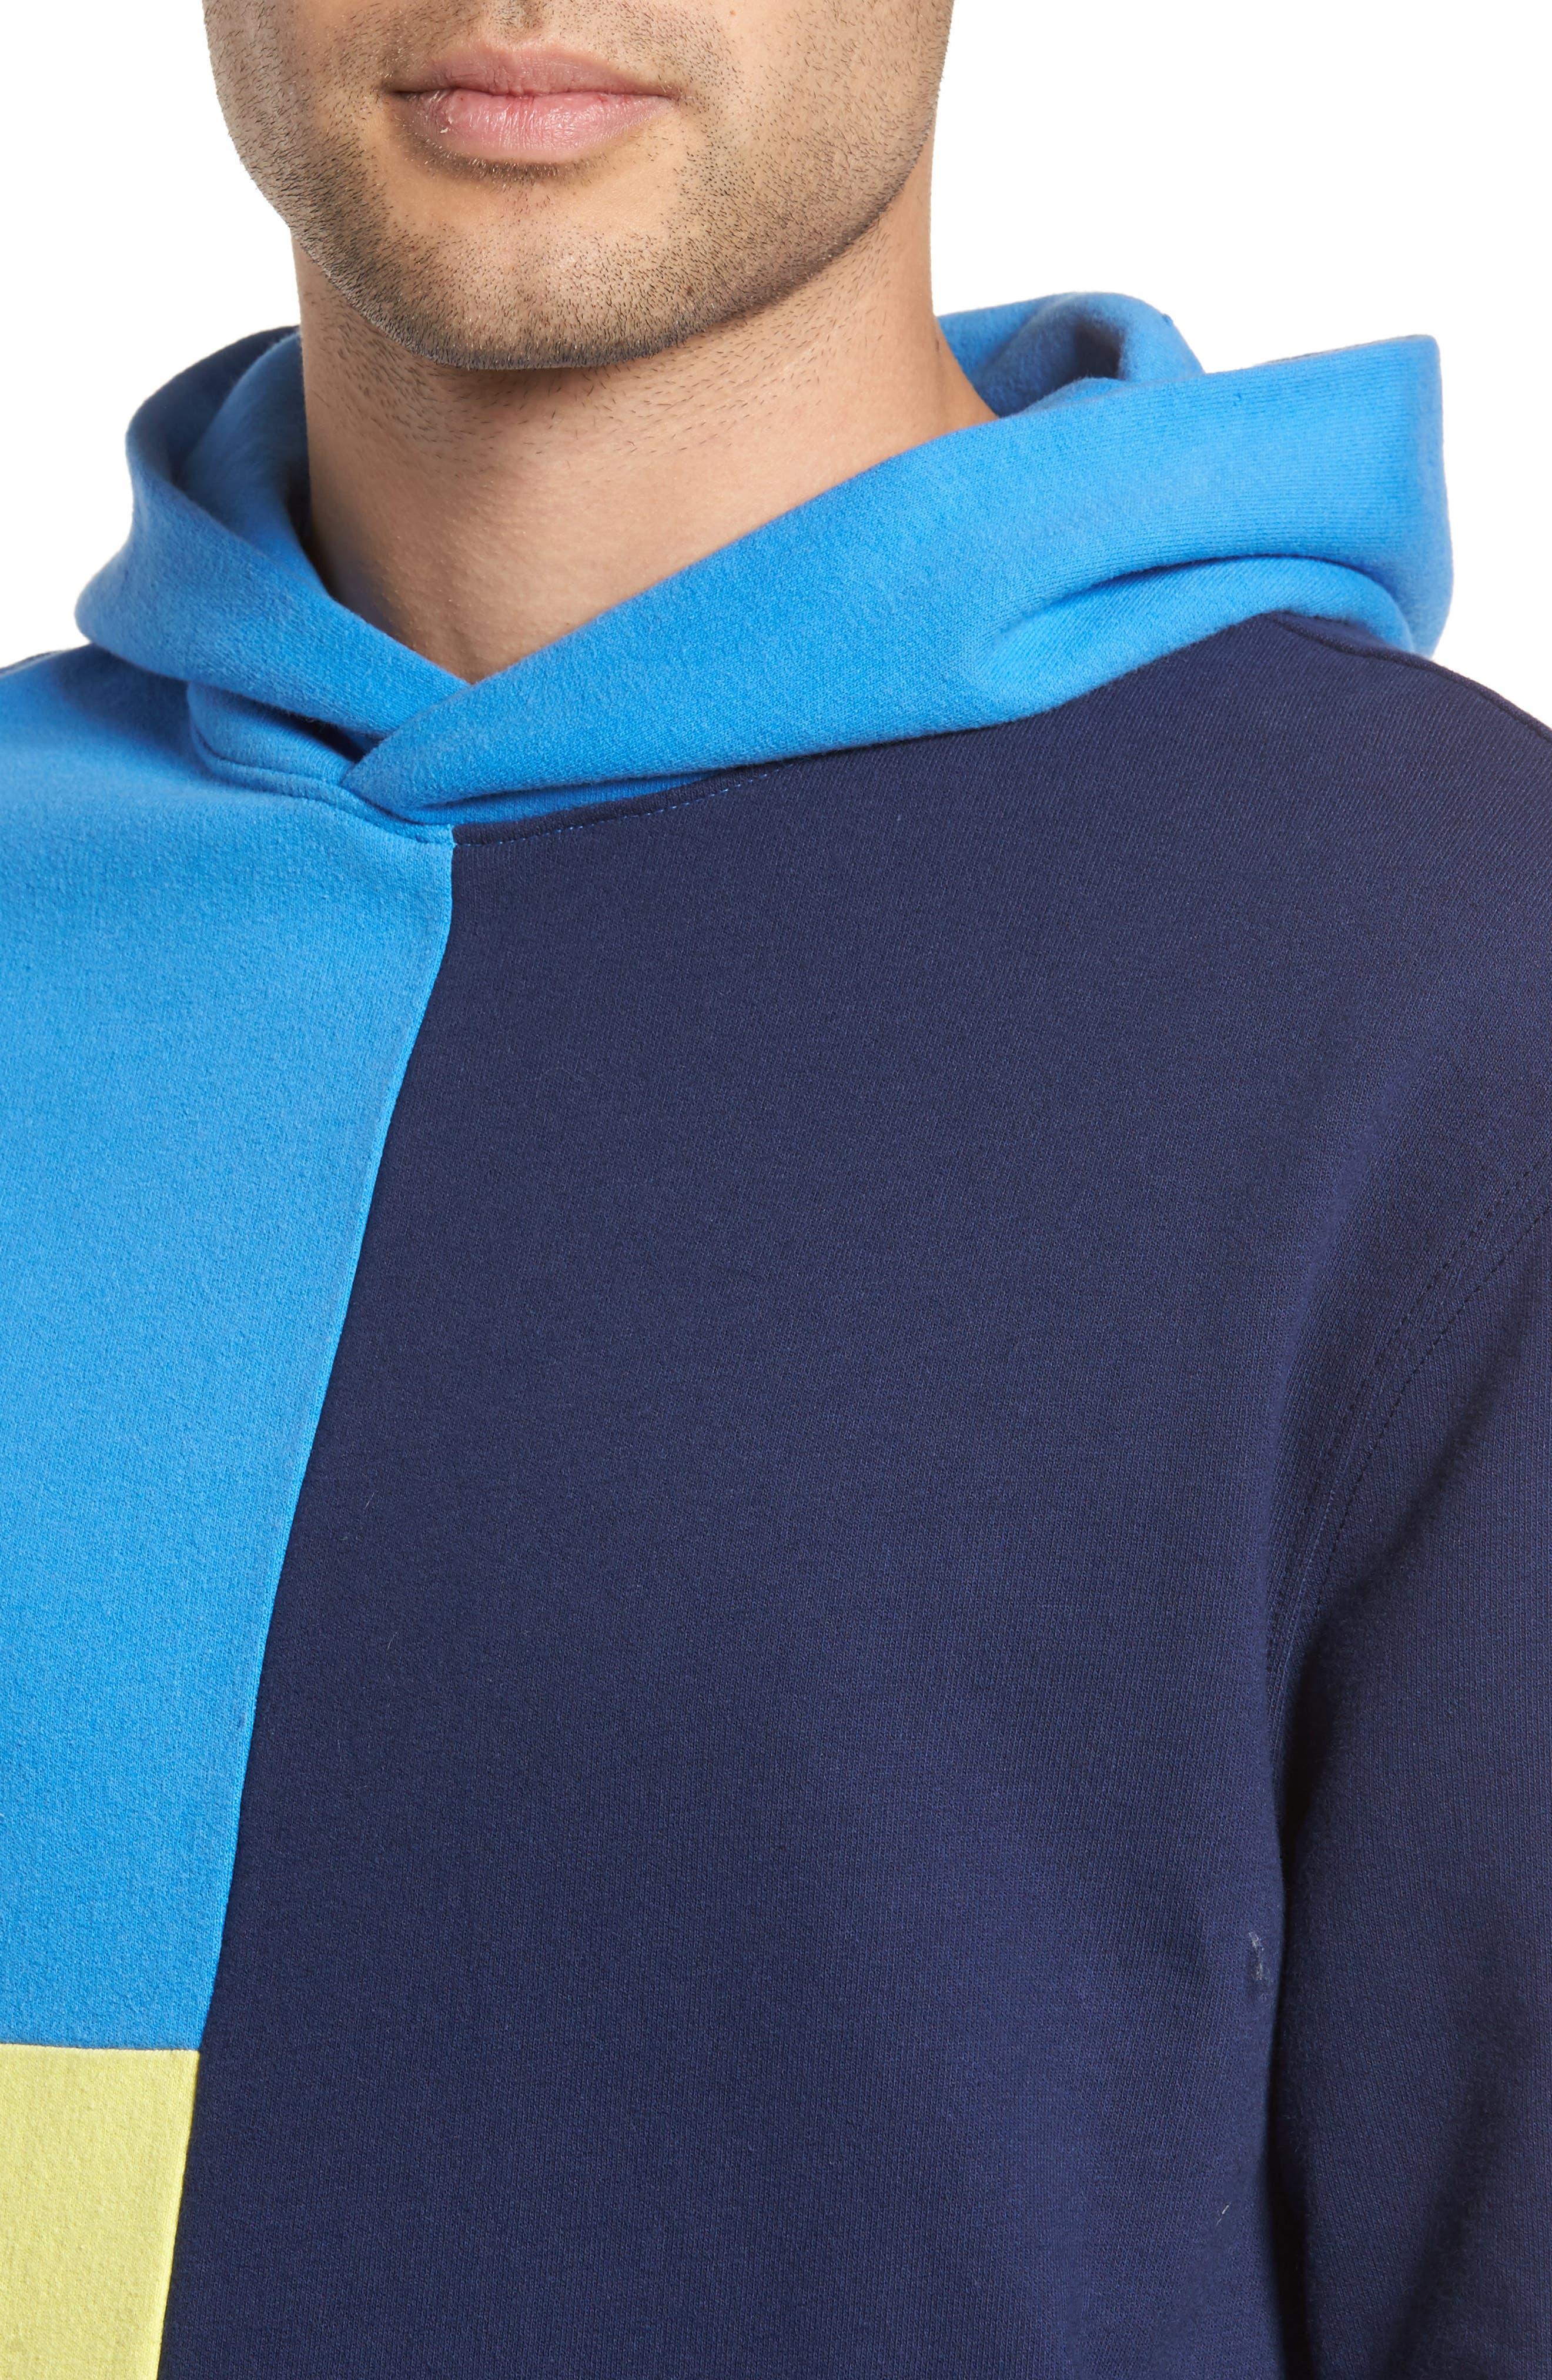 Colorblock Hoodie Sweatshirt,                             Alternate thumbnail 4, color,                             410